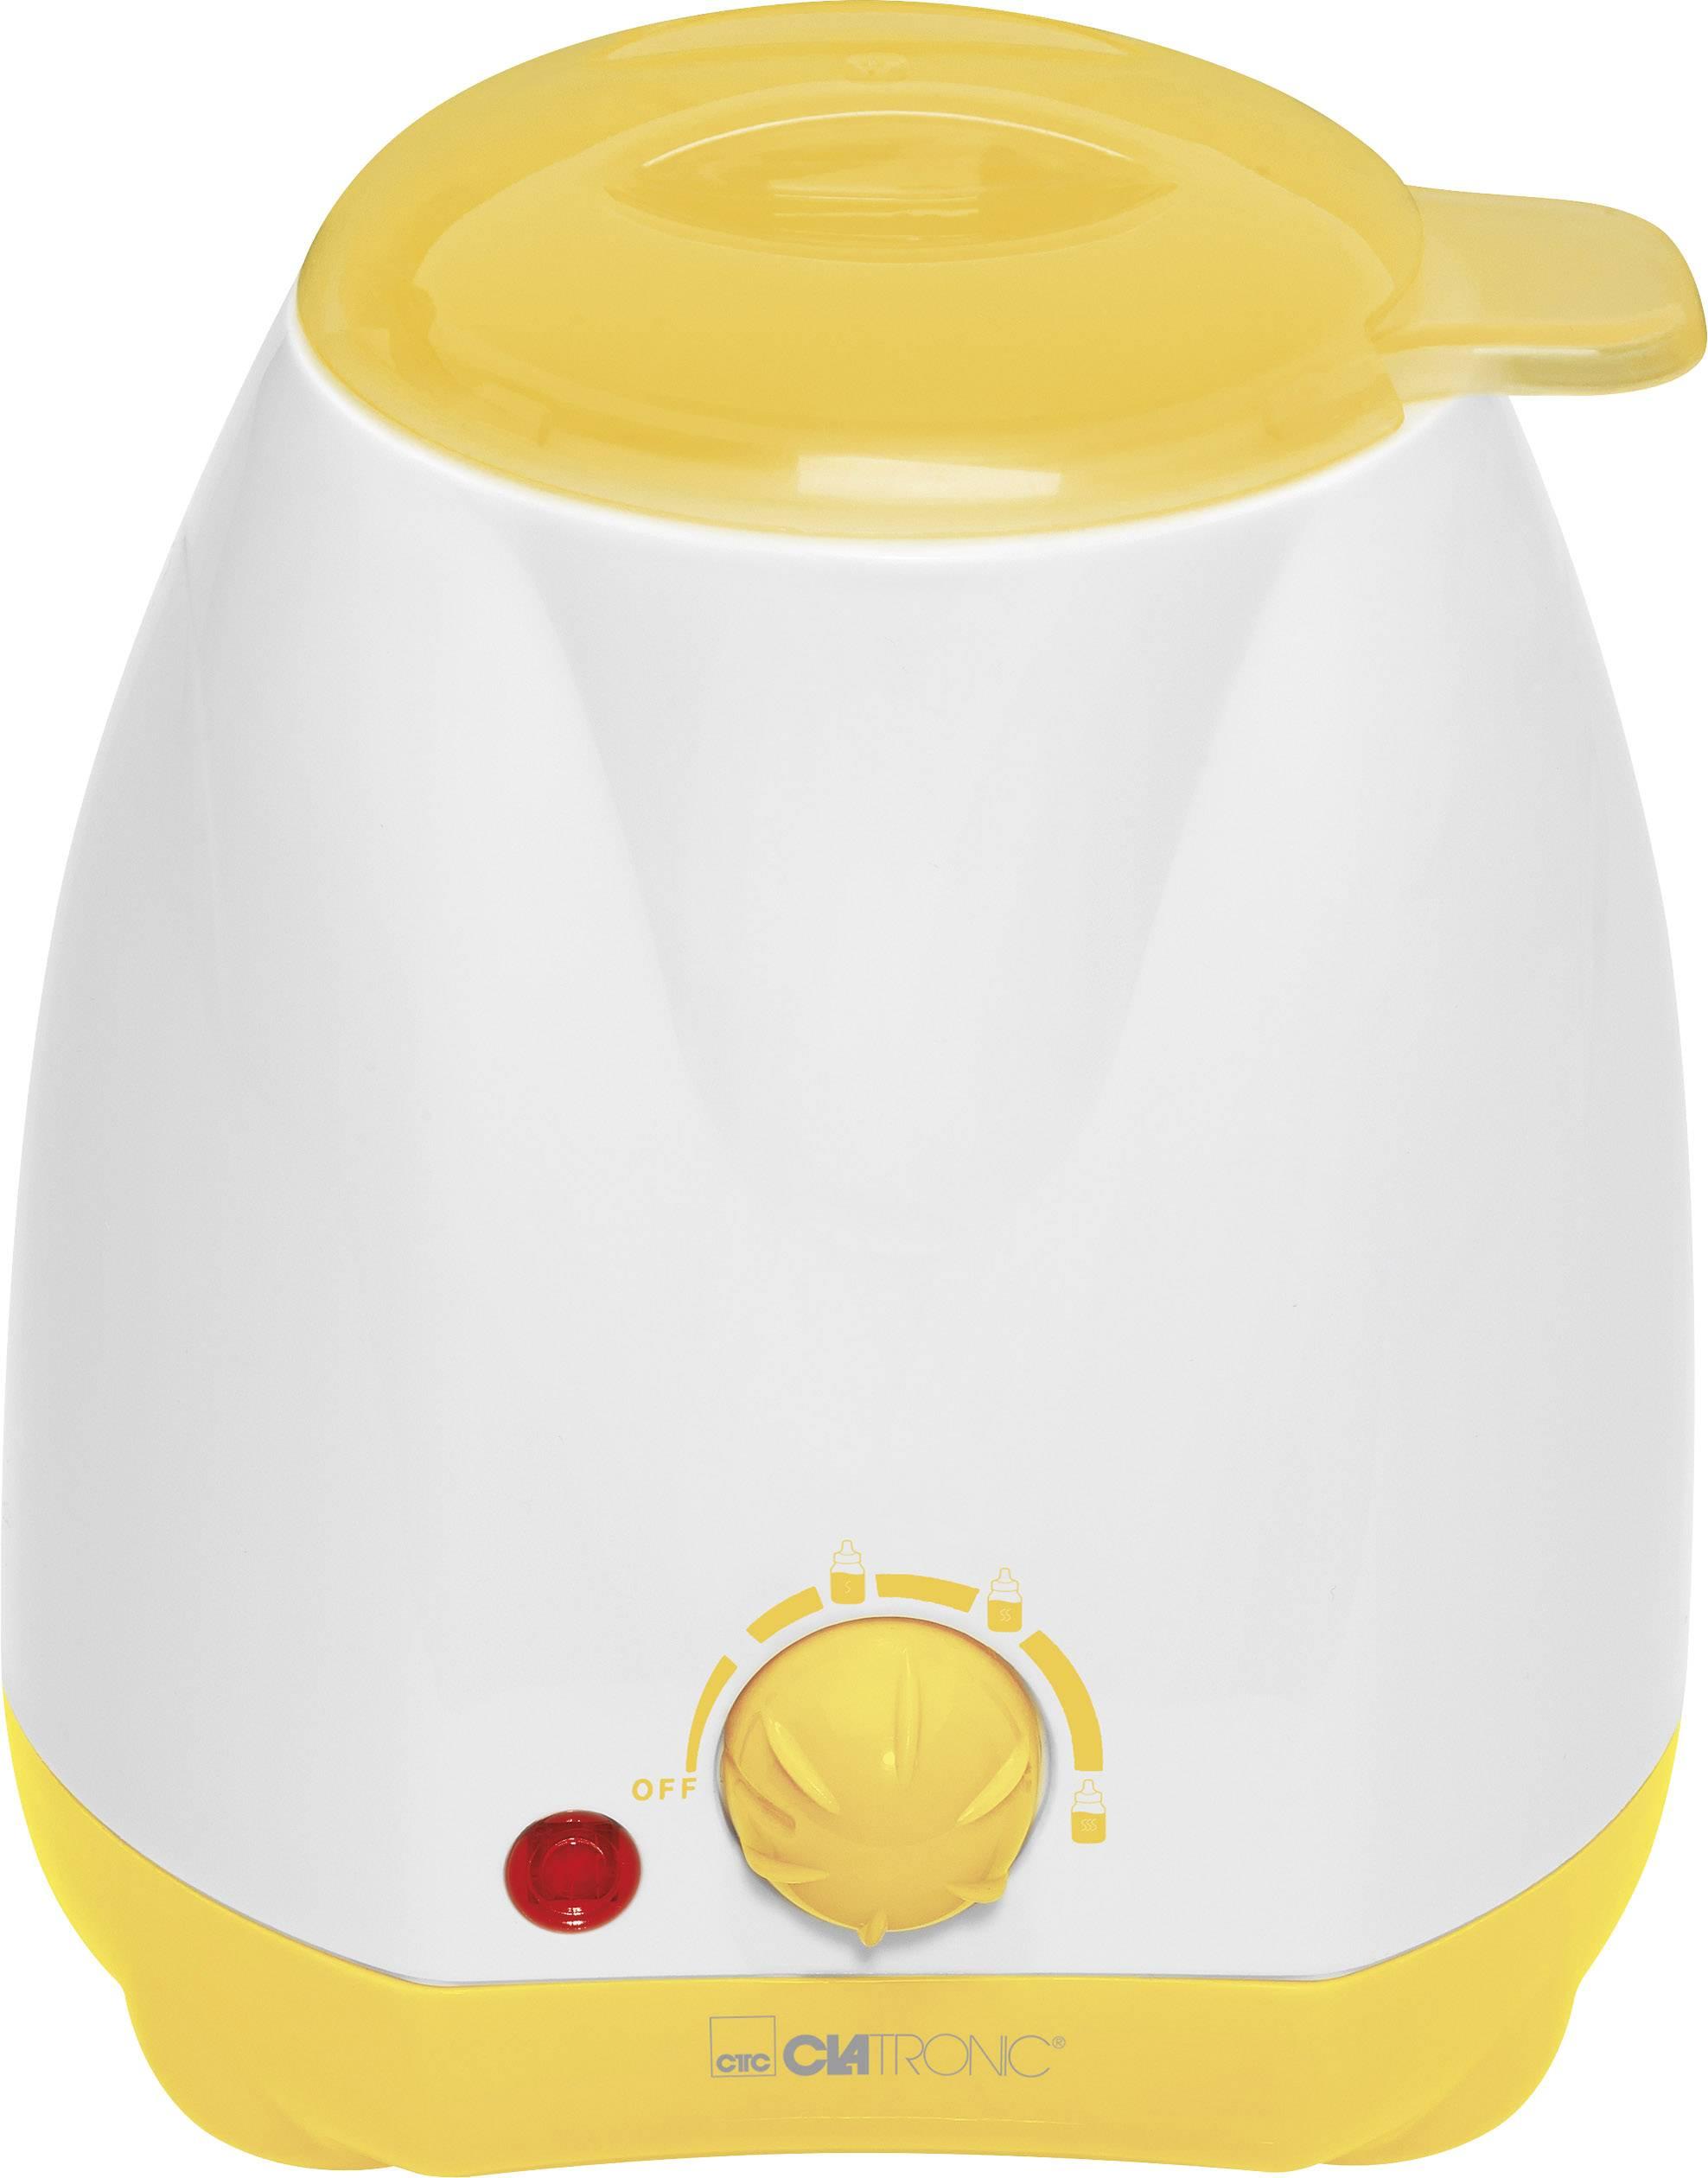 Ohřívač dětské stravy Clatronic BKW 3615 bílá, žlutá